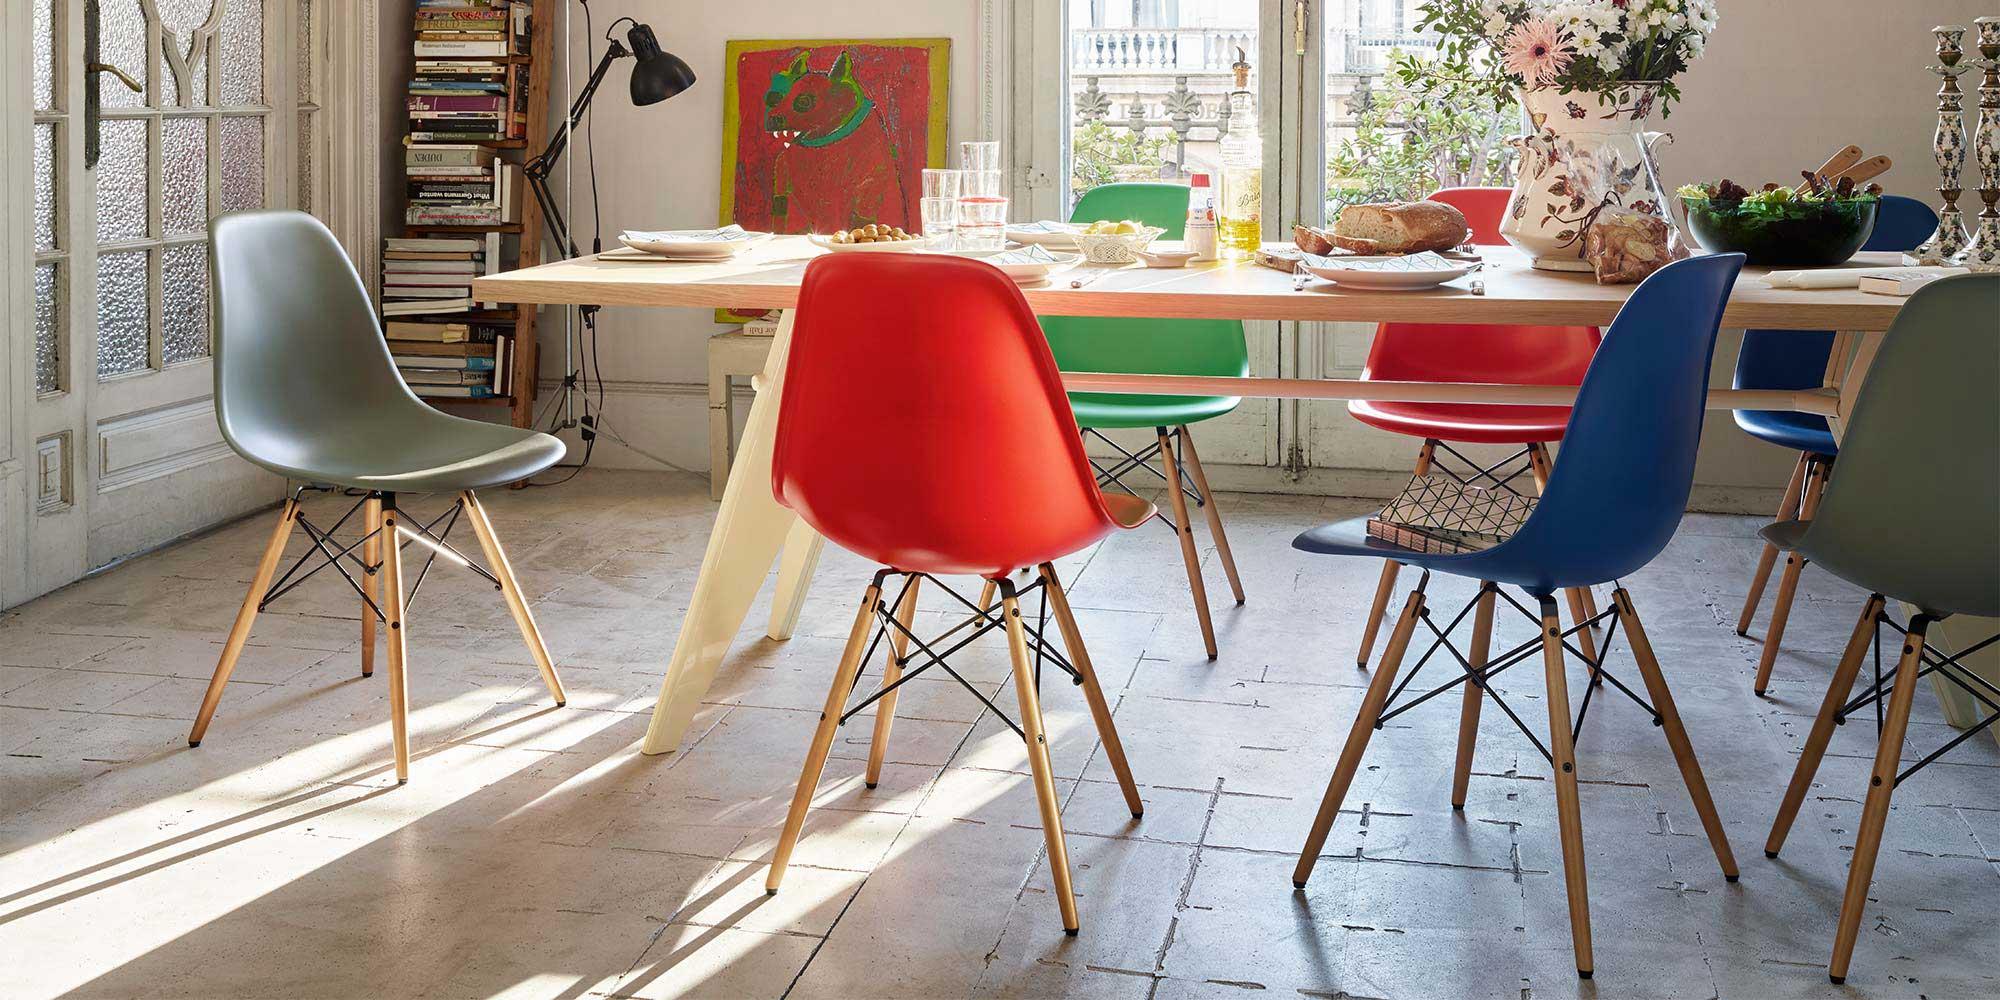 Chaise Eames : Laquelle Choisir Et Où L'acheter ? destiné Chaise Eames Pas Cher